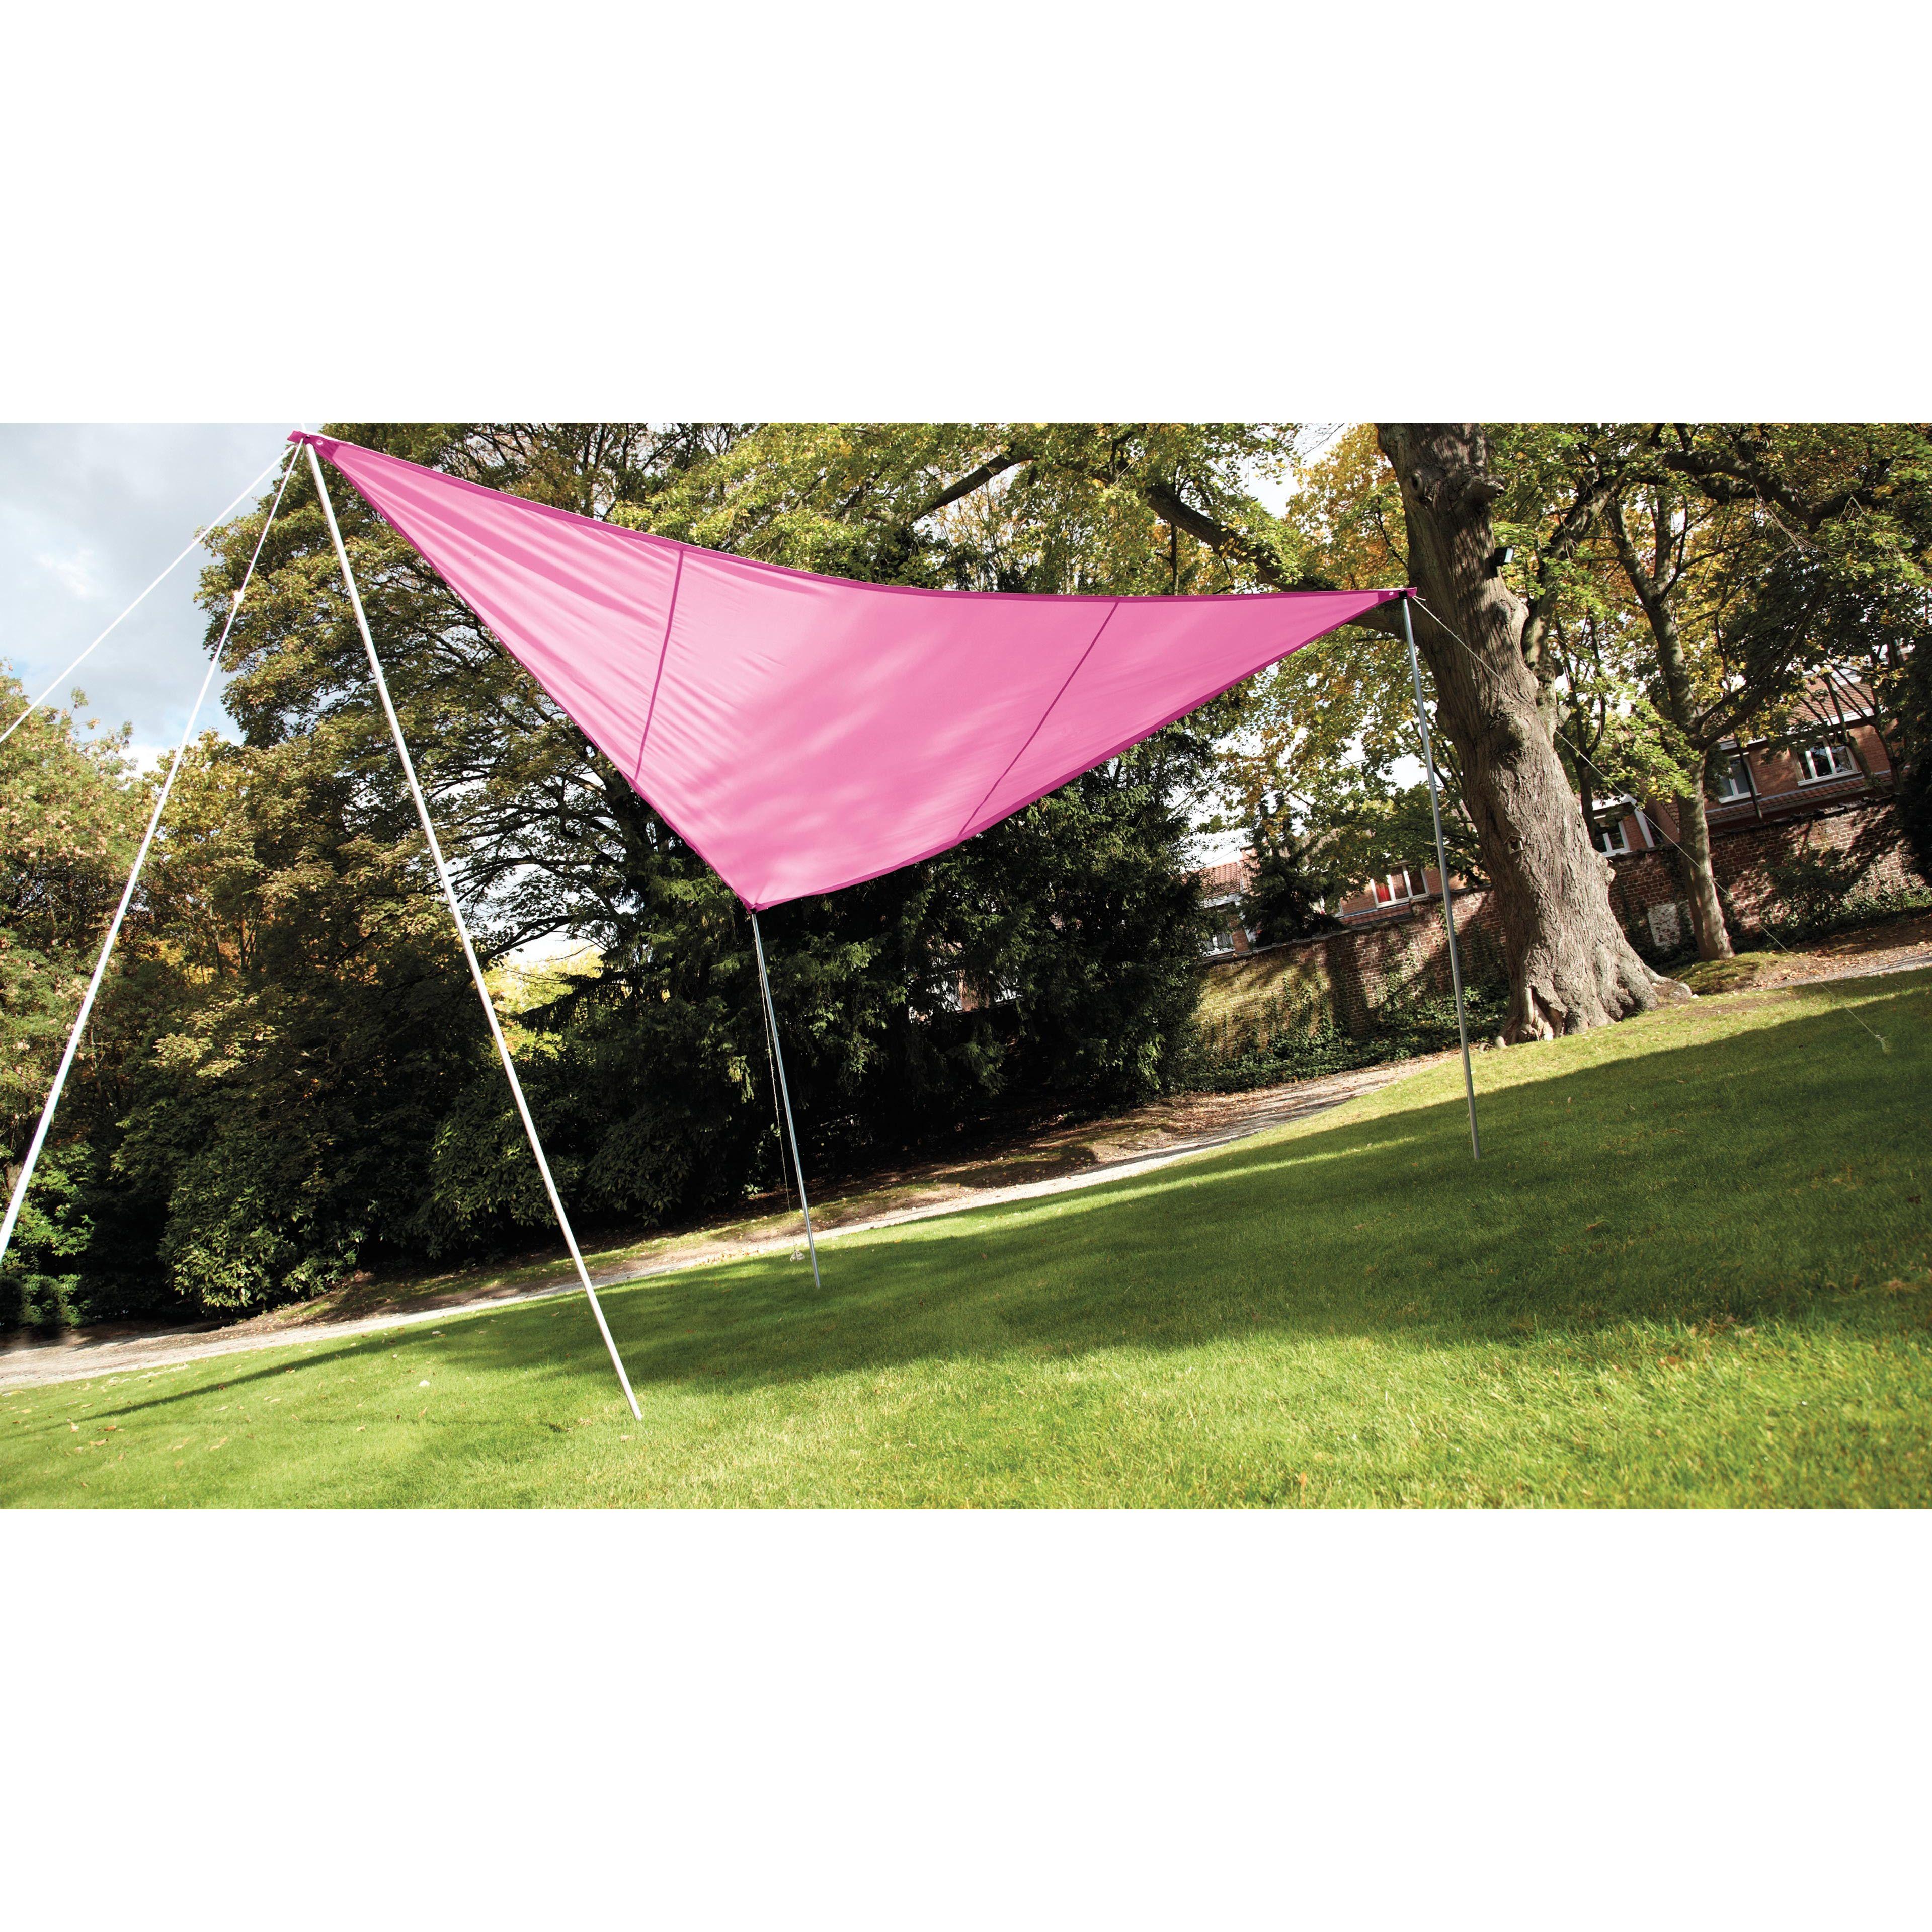 Fixation Voile D Ombrage voile d'ombrage triangulaire pas chère